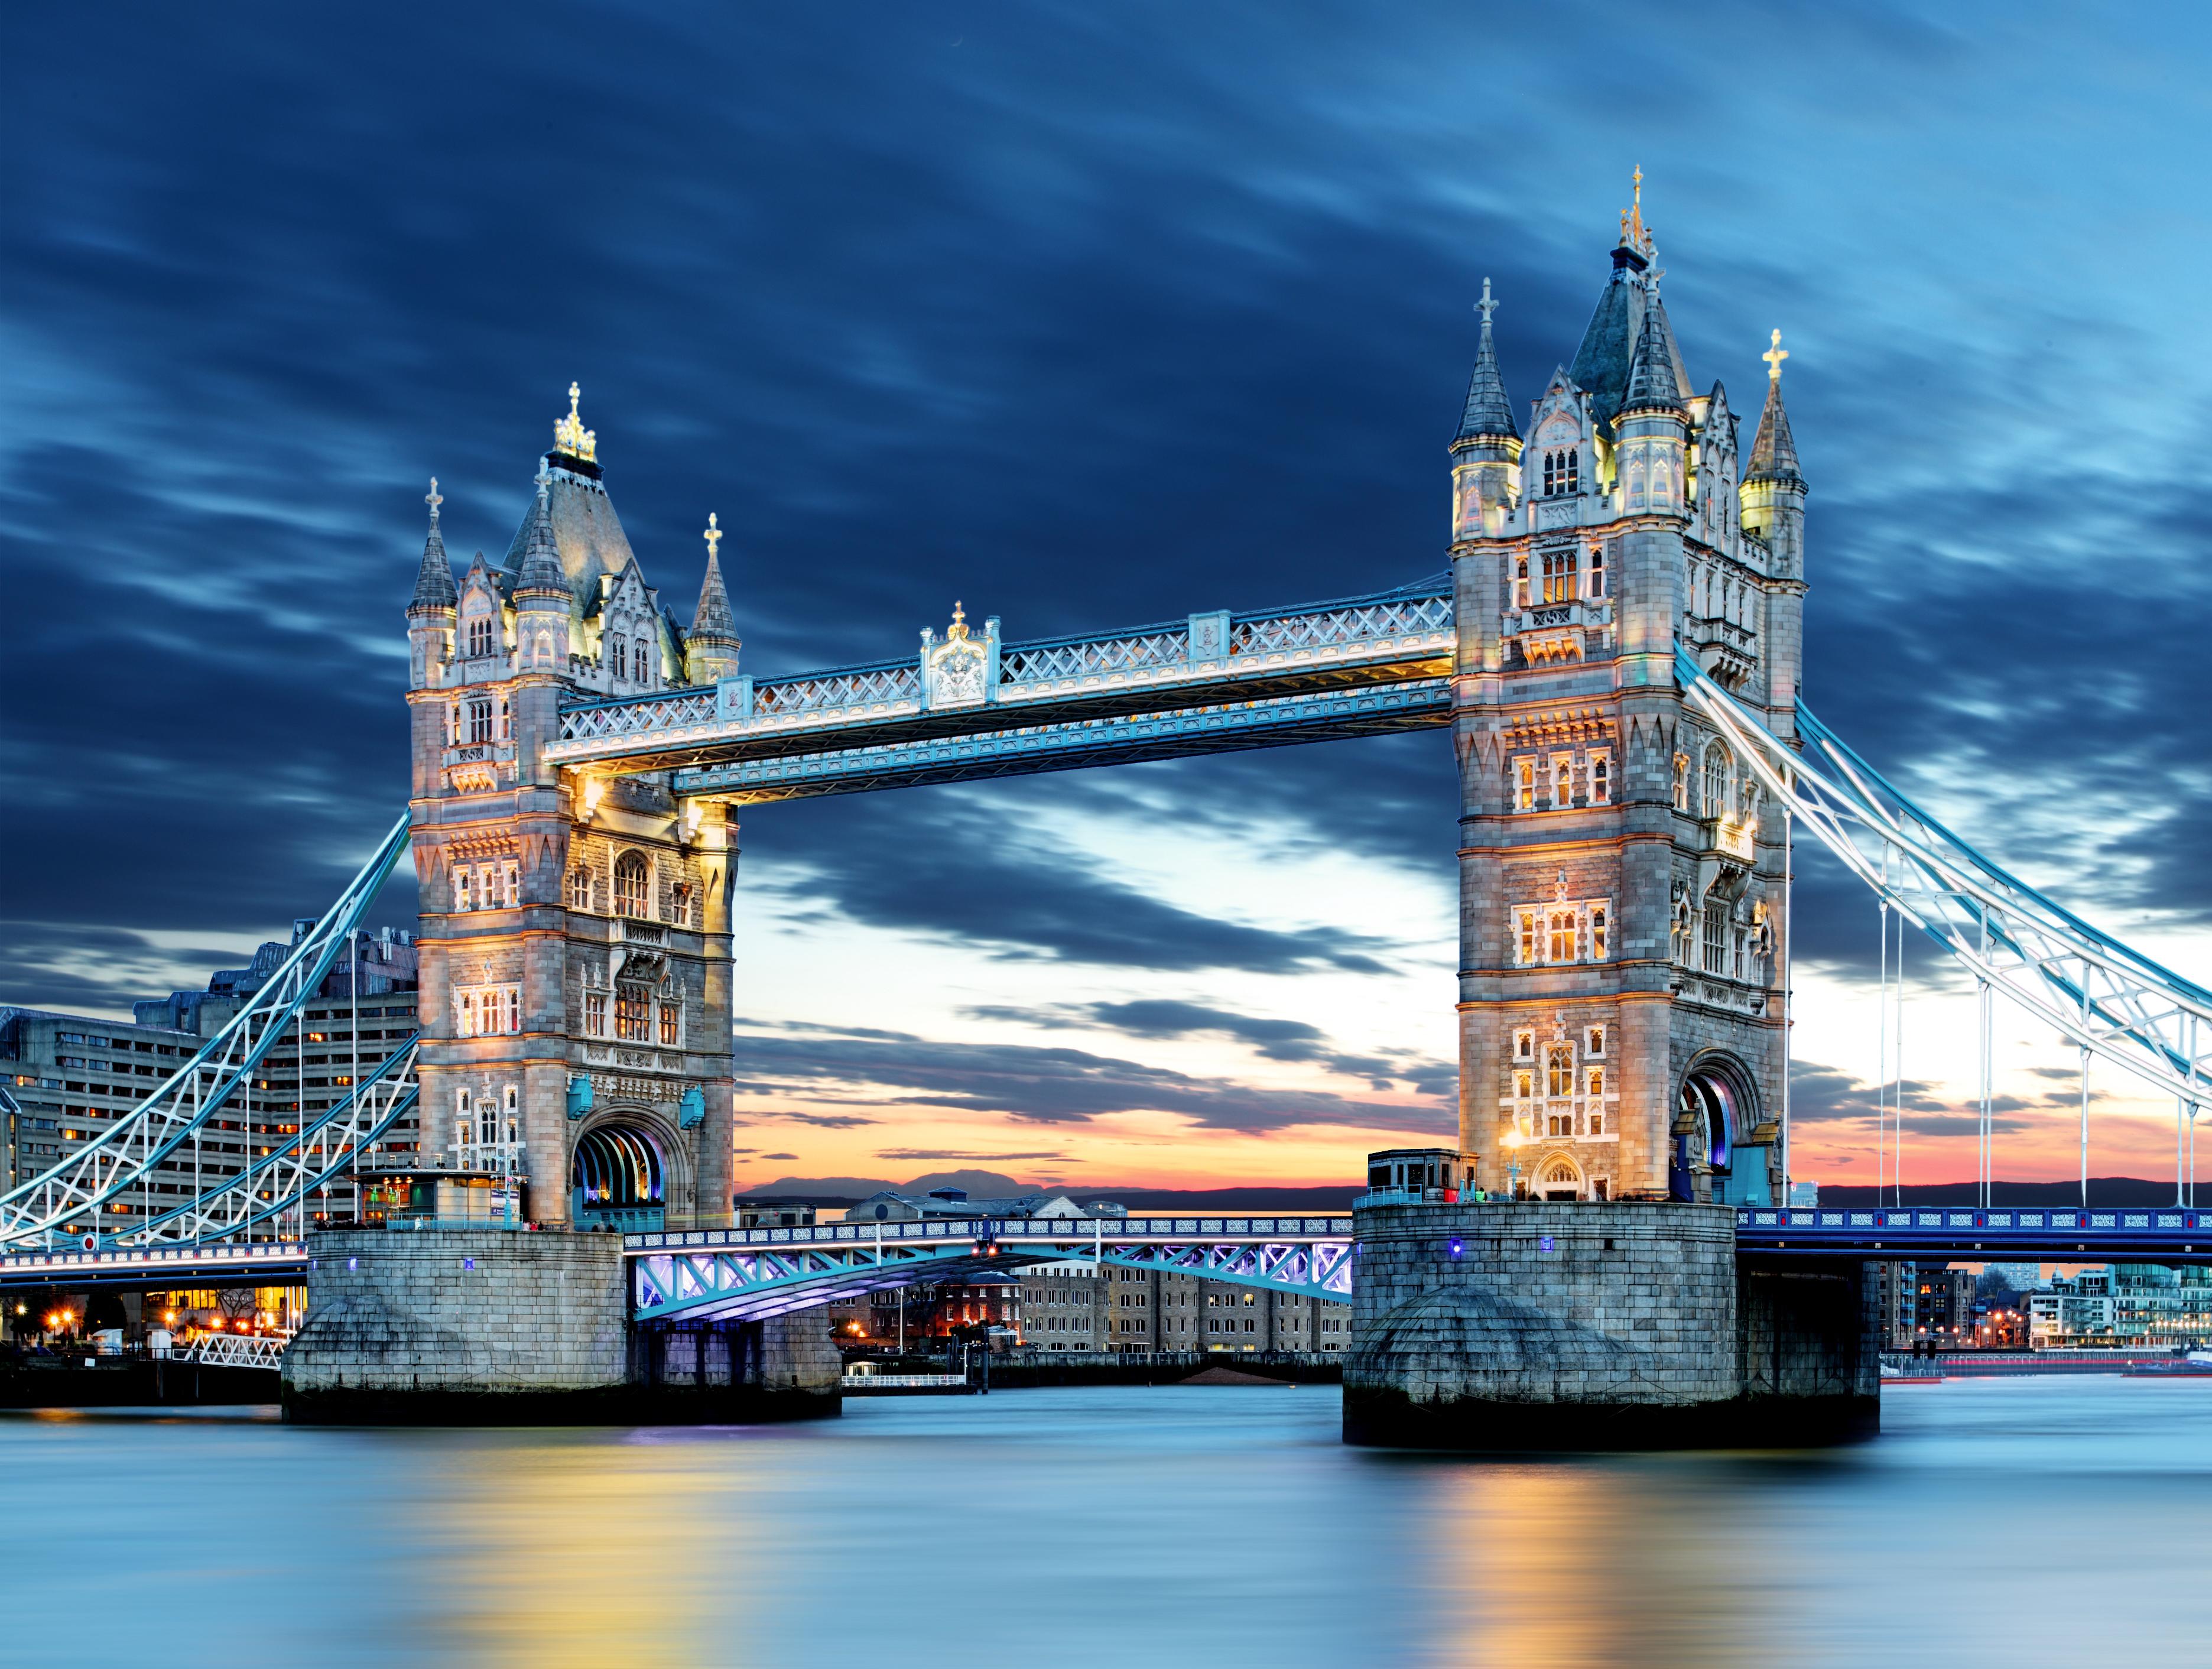 ραντεβού φωτογραφία Λονδίνο 100 δωρεάν ιστοσελίδες γνωριμιών Γαλλία